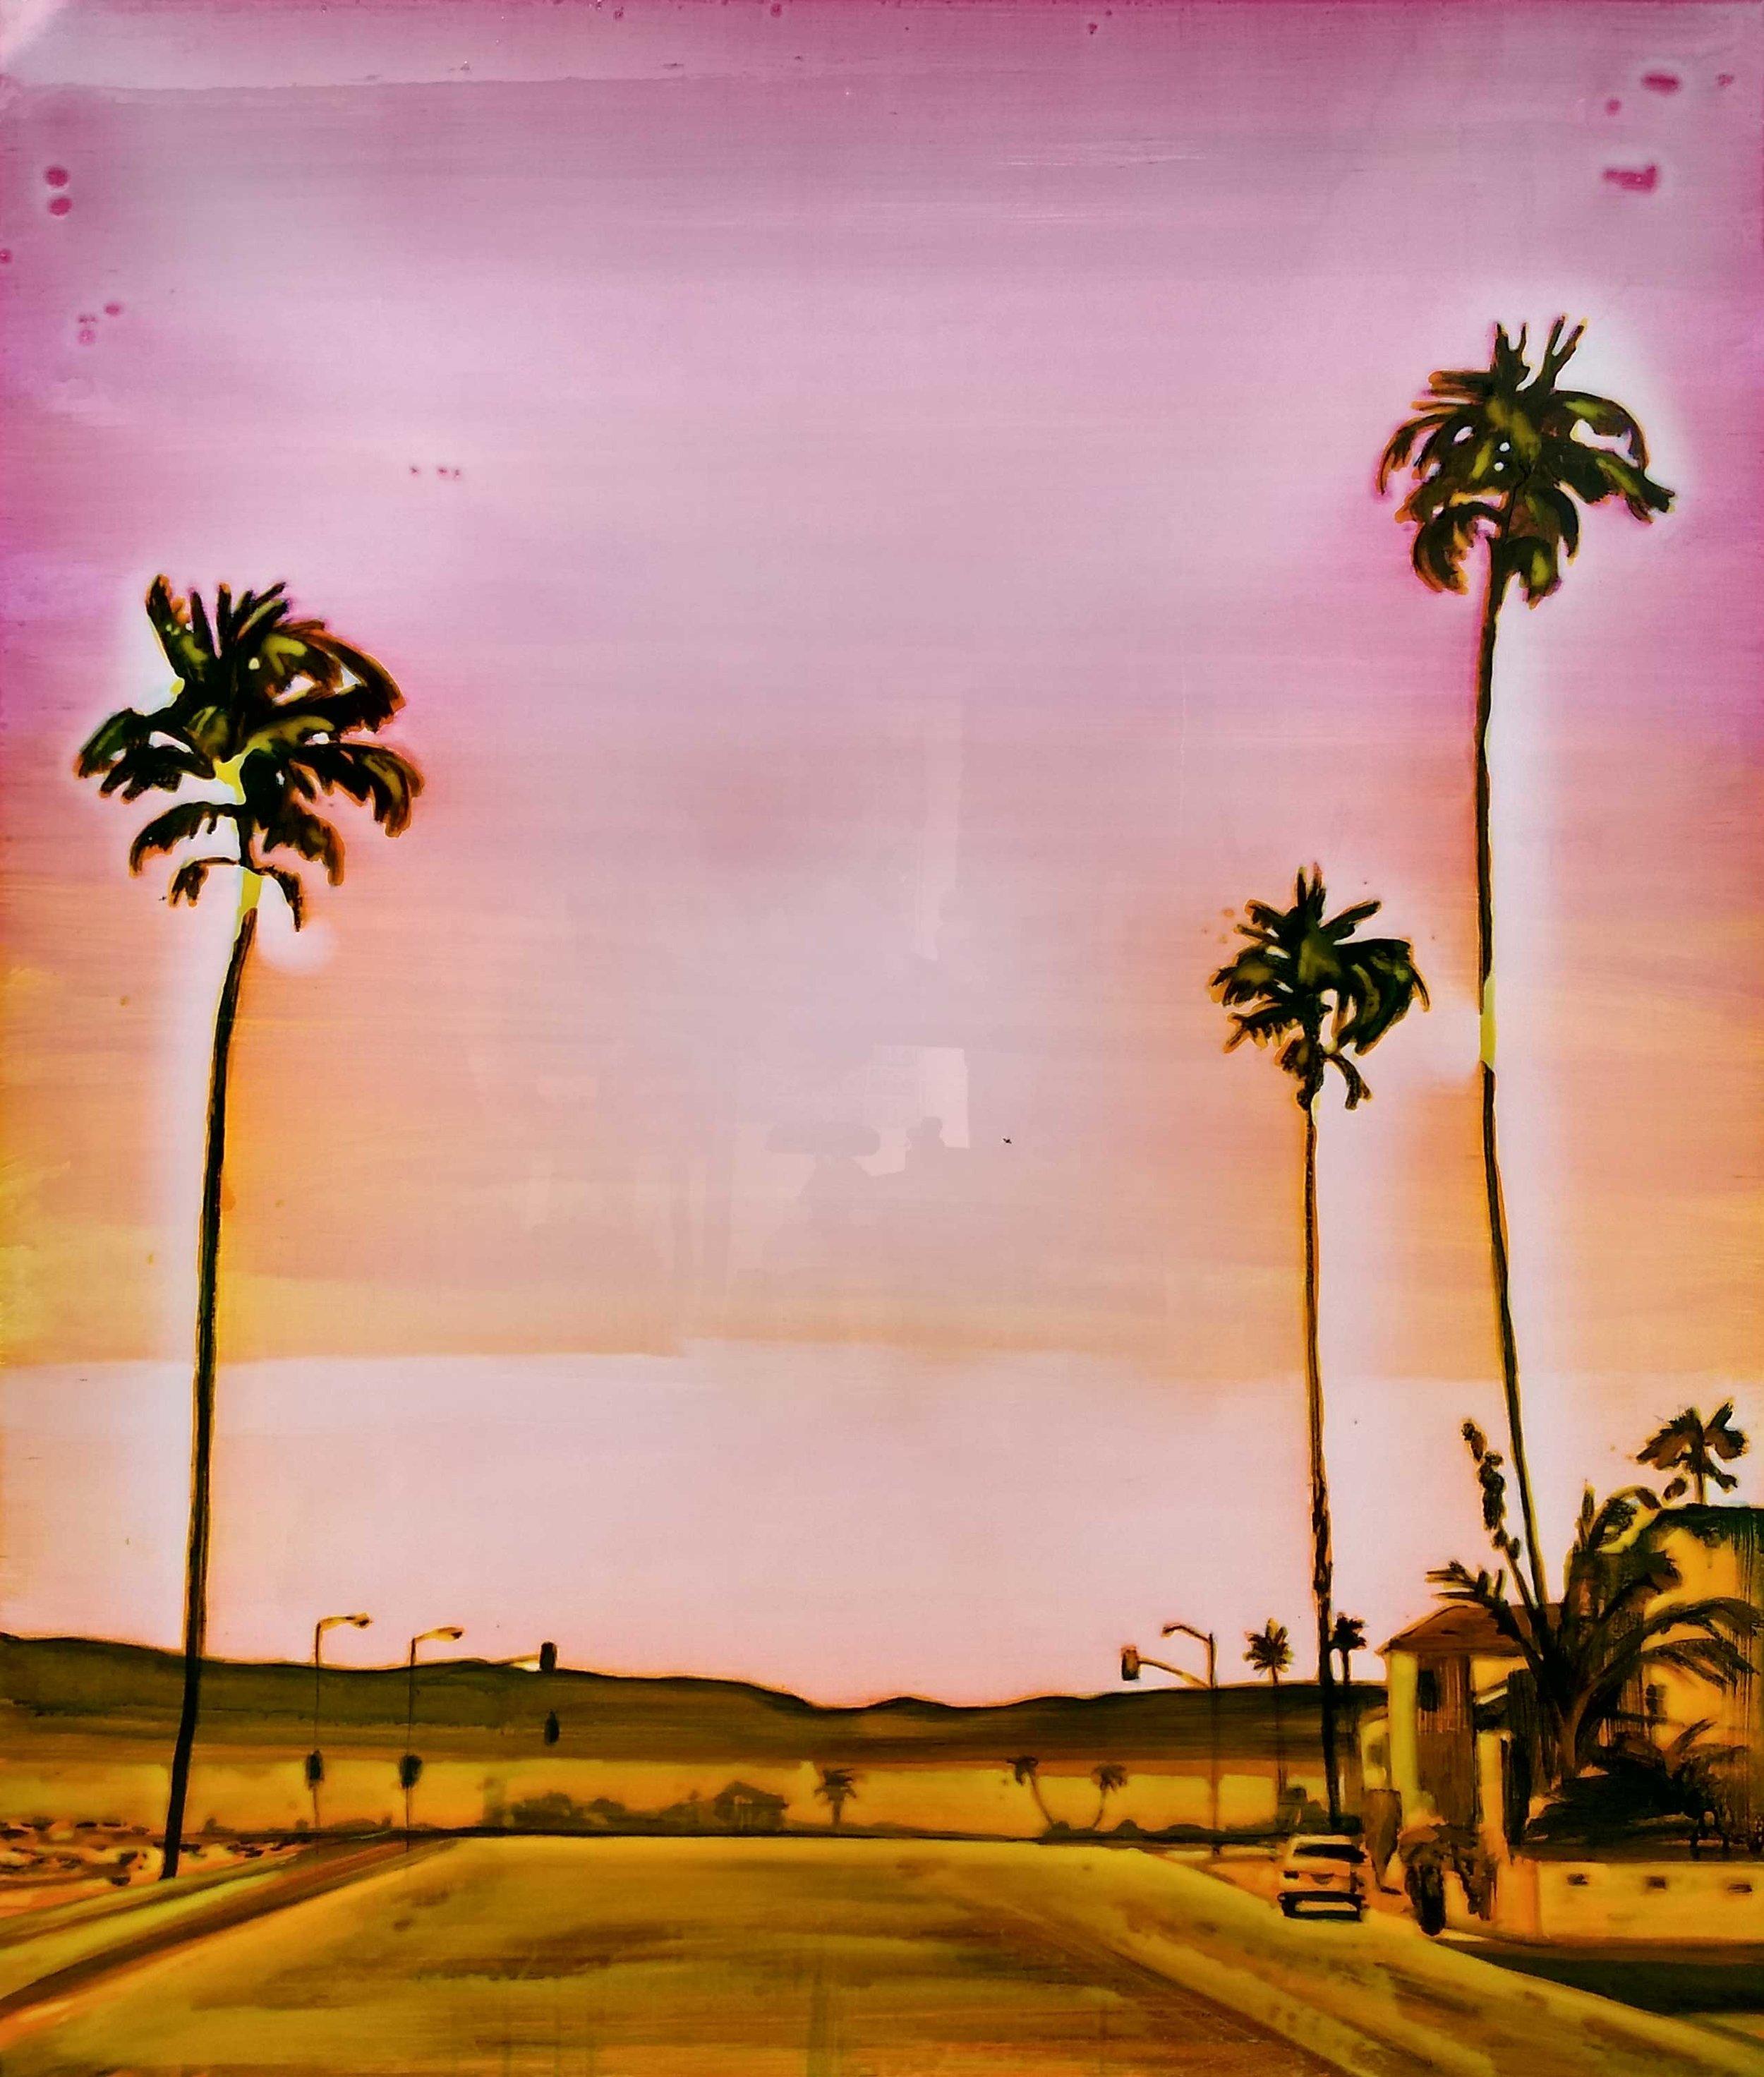 棕榈泉 - 2 布面丙烯酸及环氧树脂 120 x 100 cm 已售